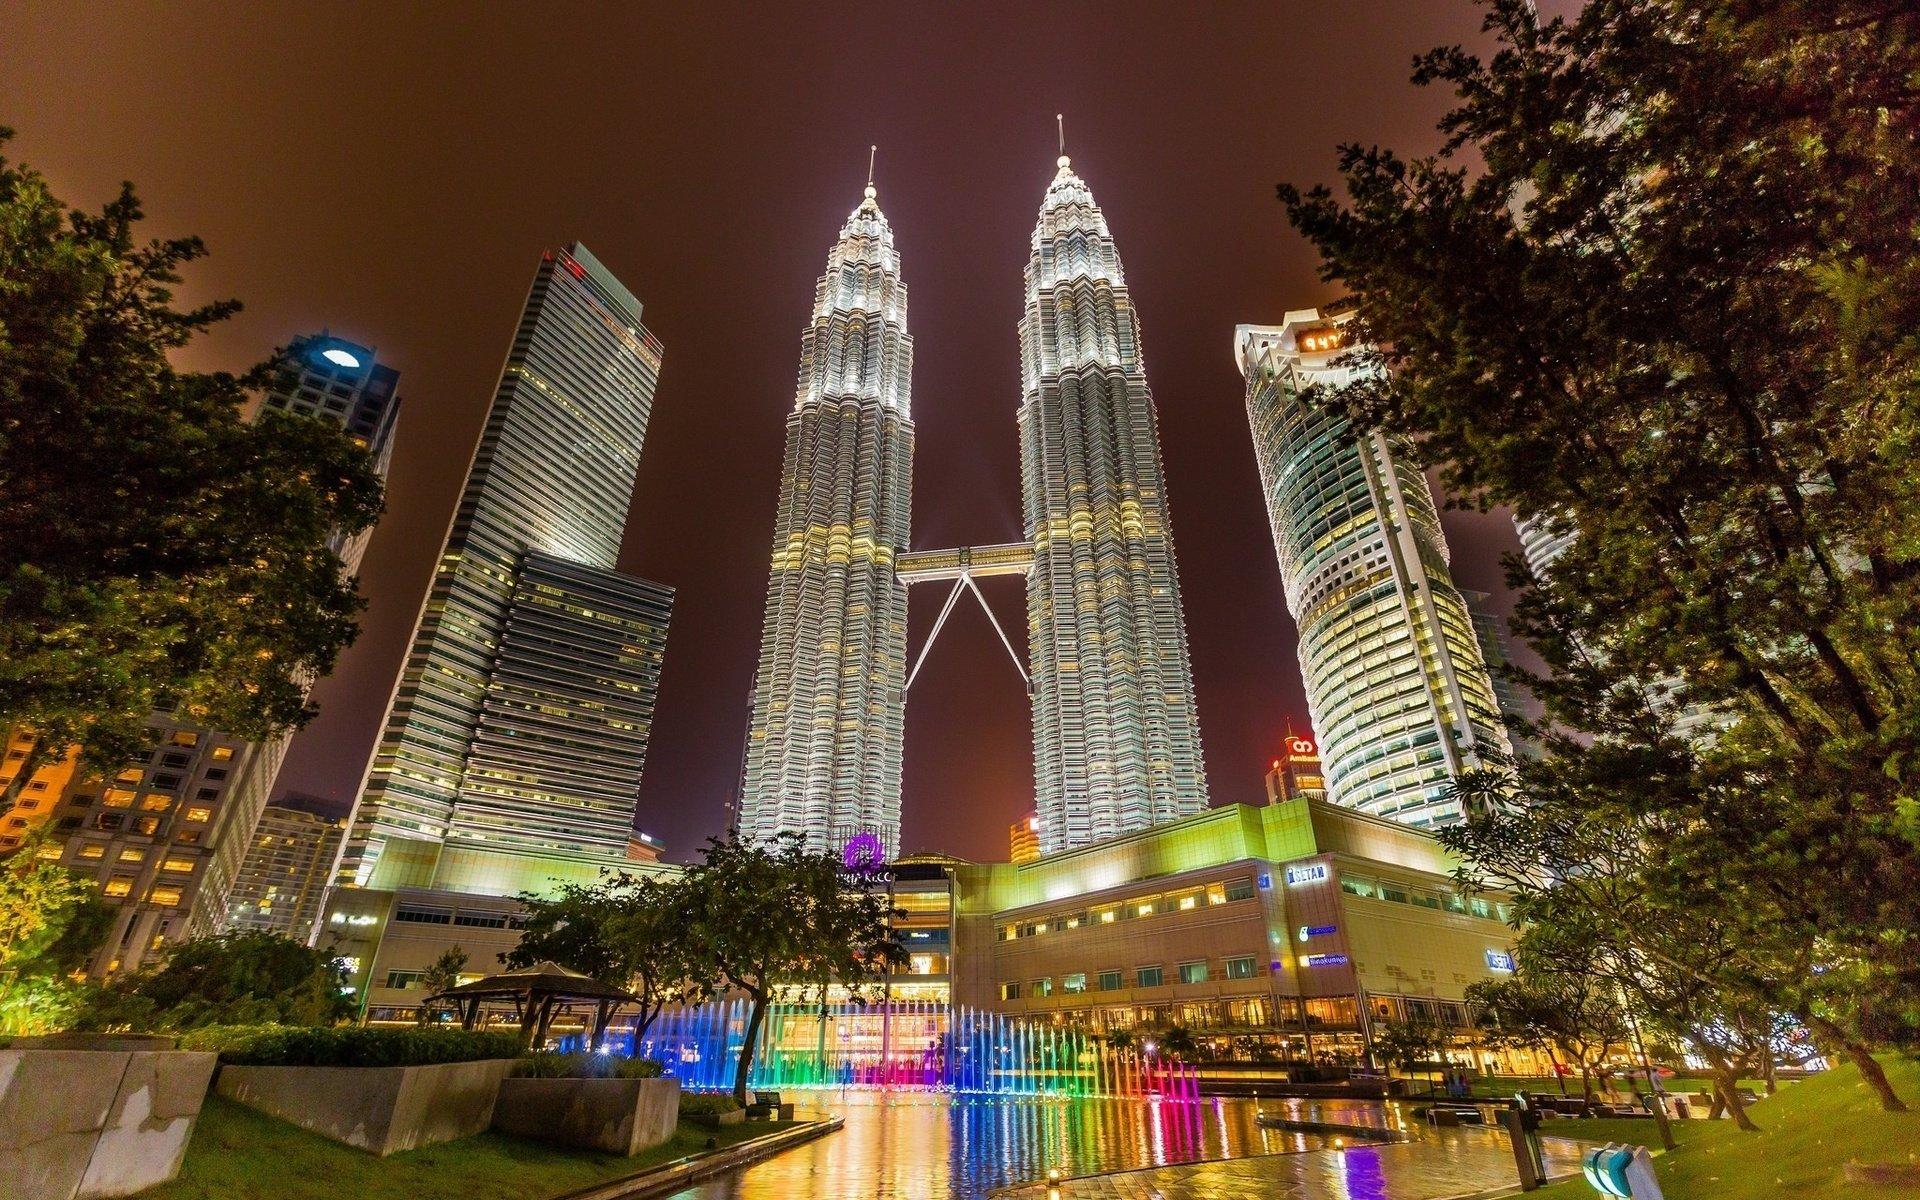 Виза в Малайзию для россиян и украинцев: Куала-Лумпур без визы